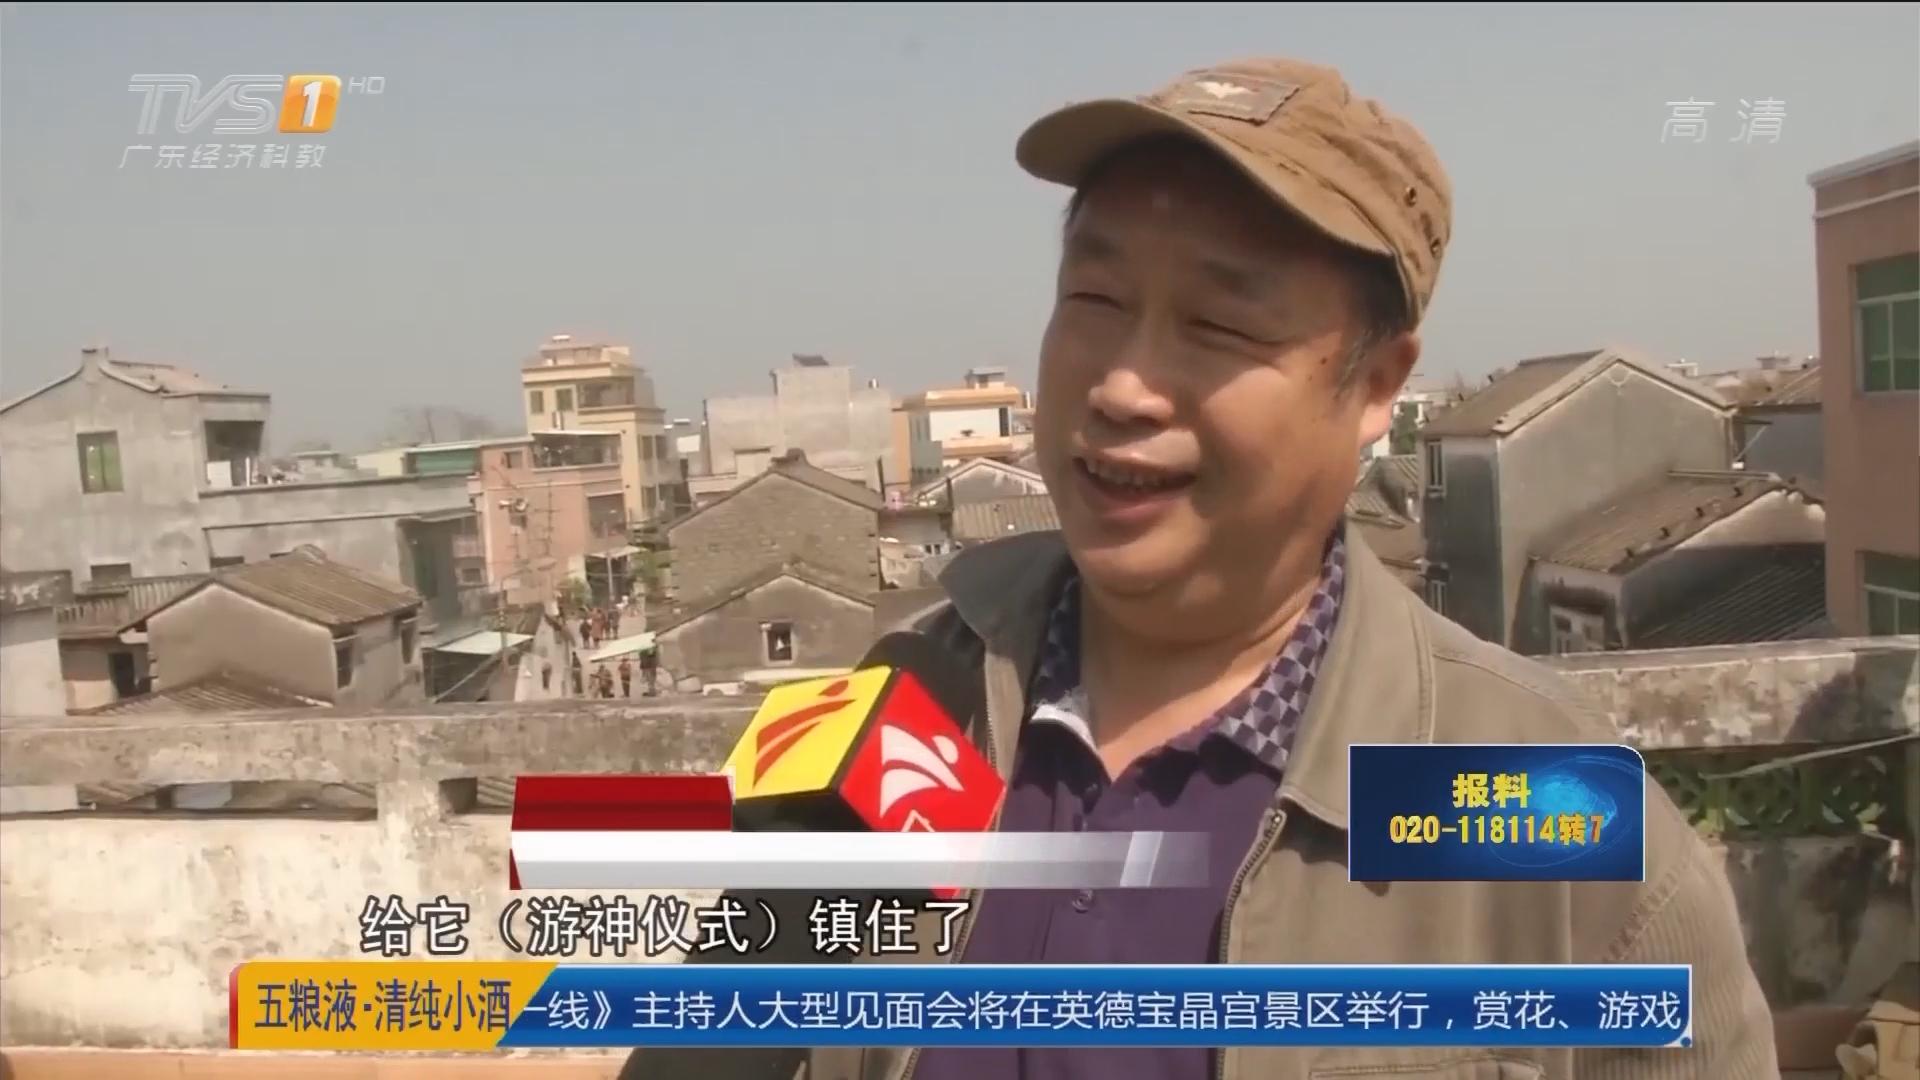 汕头澄海:汕头澄海今天举行盛大民俗活动